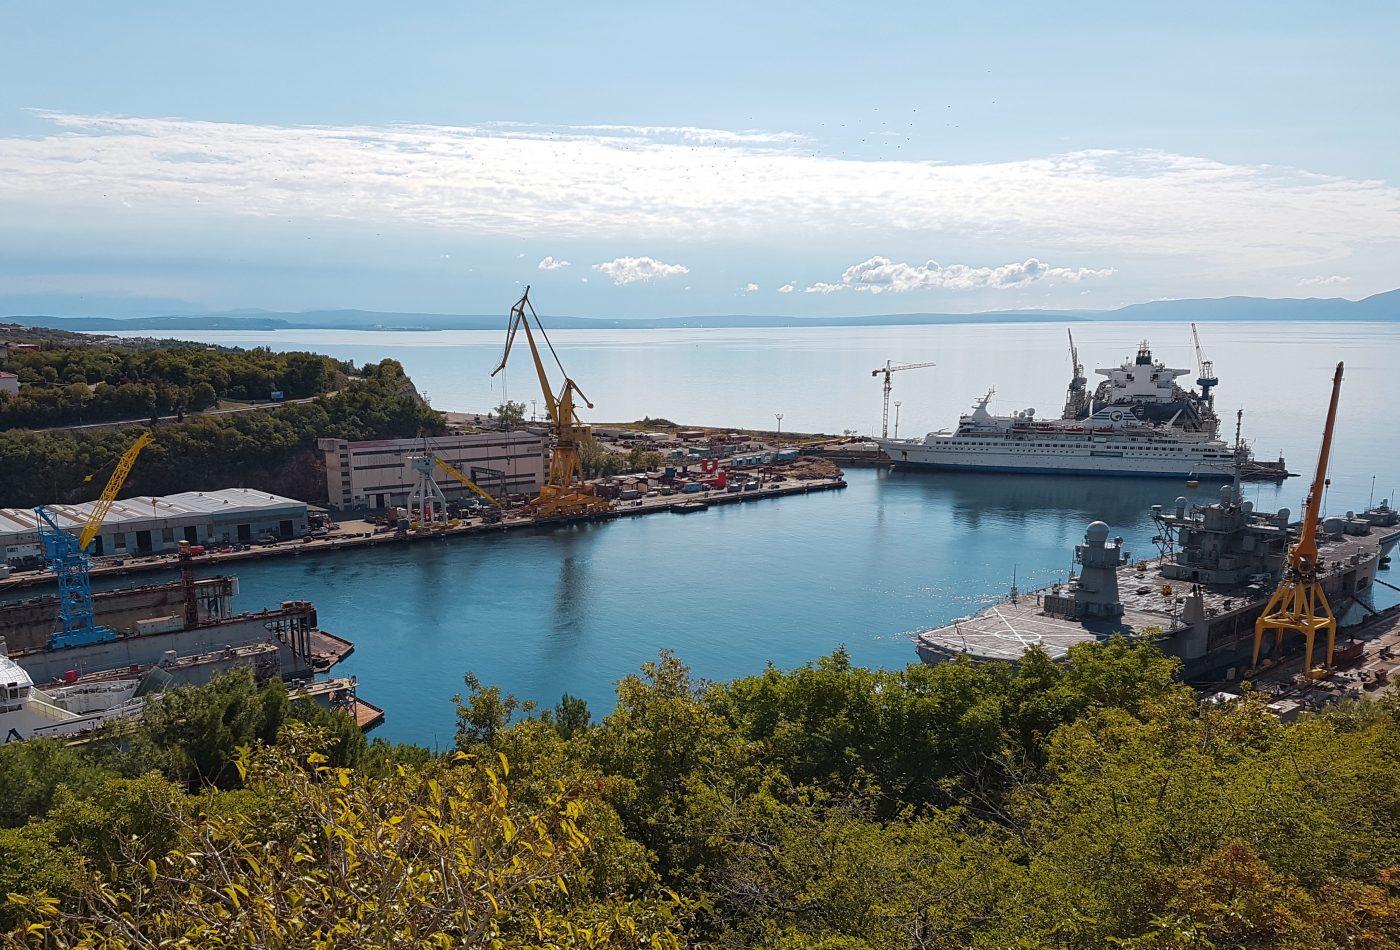 תצפית לנמל רייקה ומזג אויר חמים ונעים